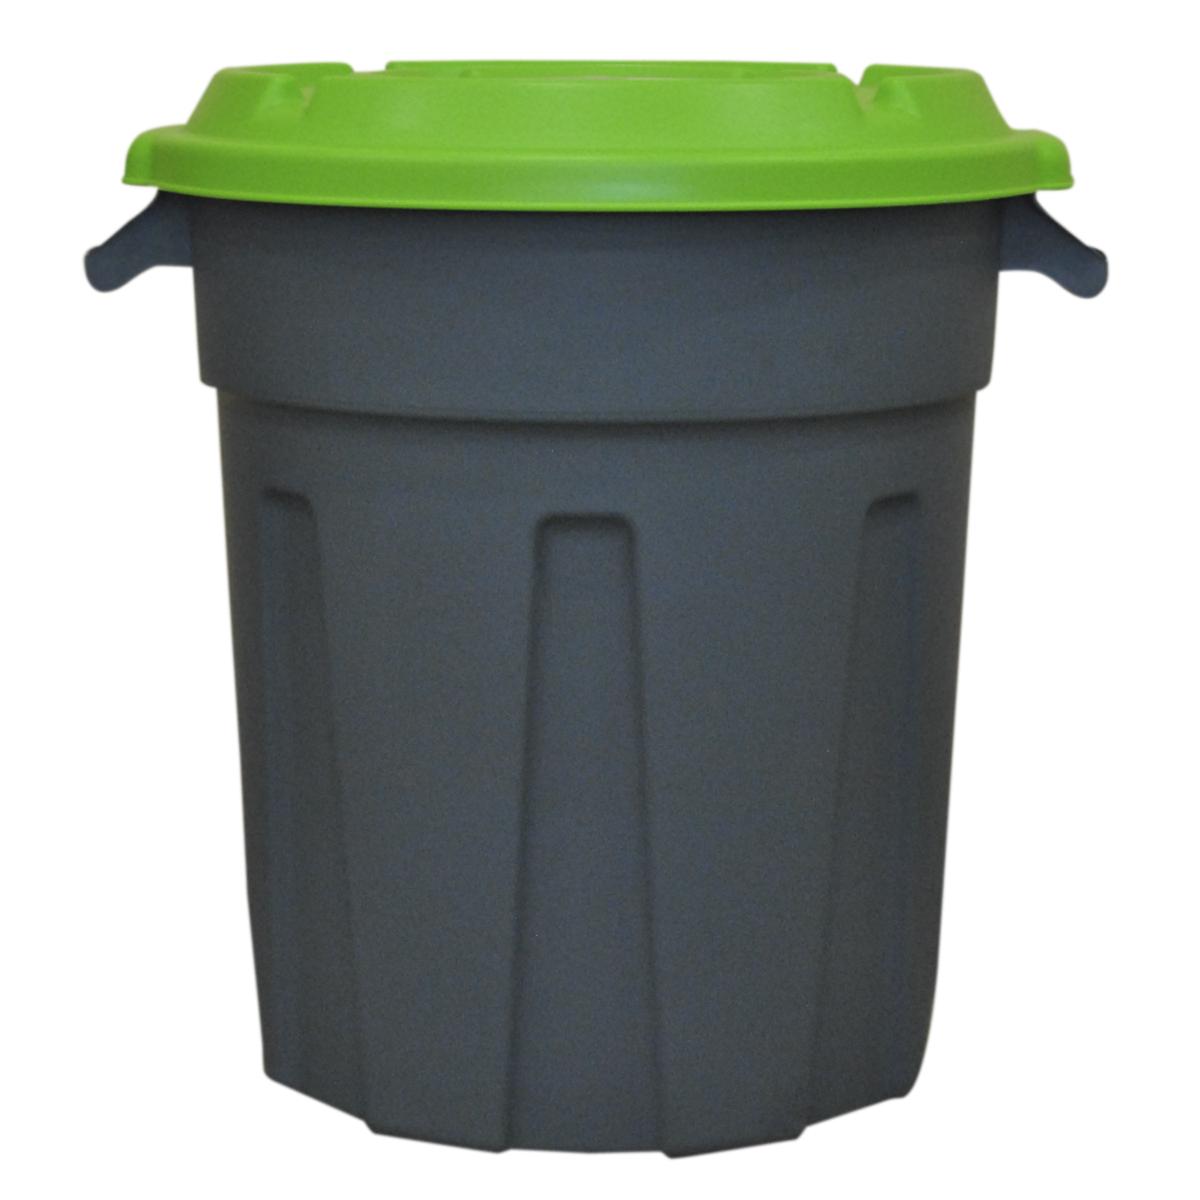 Мусорный бак InGreen, с крышкой, 60 л4001Пластиковый мусорный бак InGreen предназначен для применения в быту. Изготовлен из материала, обеспечивающего изделию повышенную прочность. Крышка бака обеспечивает плотное закрывание. На дне бака предусмотрена площадка для установки колес.Размер изделия: 54,3 х 48 х 54,5 см.